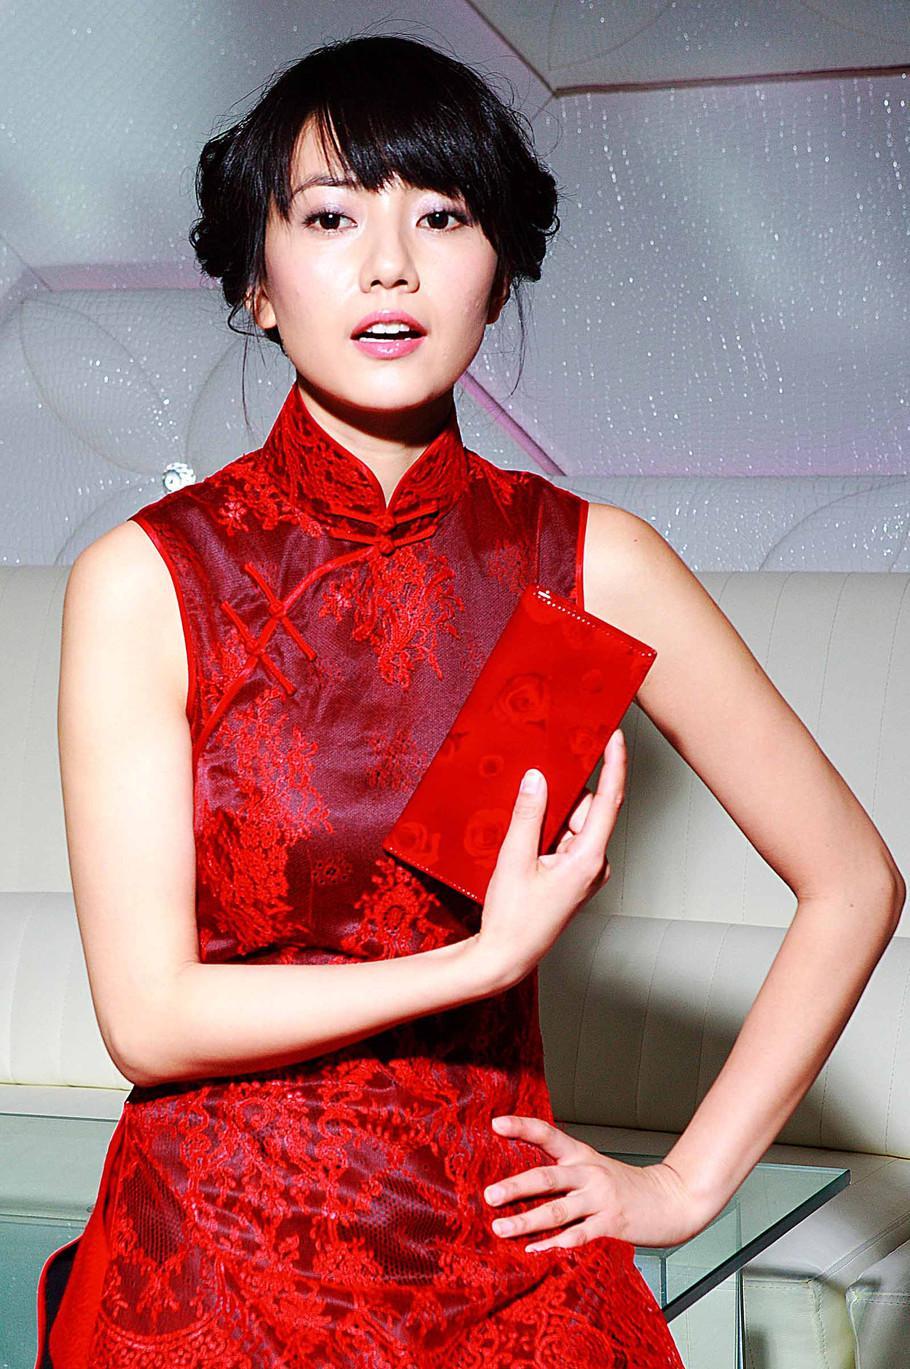 身材丰腴的小姐姐穿啥好看? 中国风的高叉旗袍让你秒变女神 2